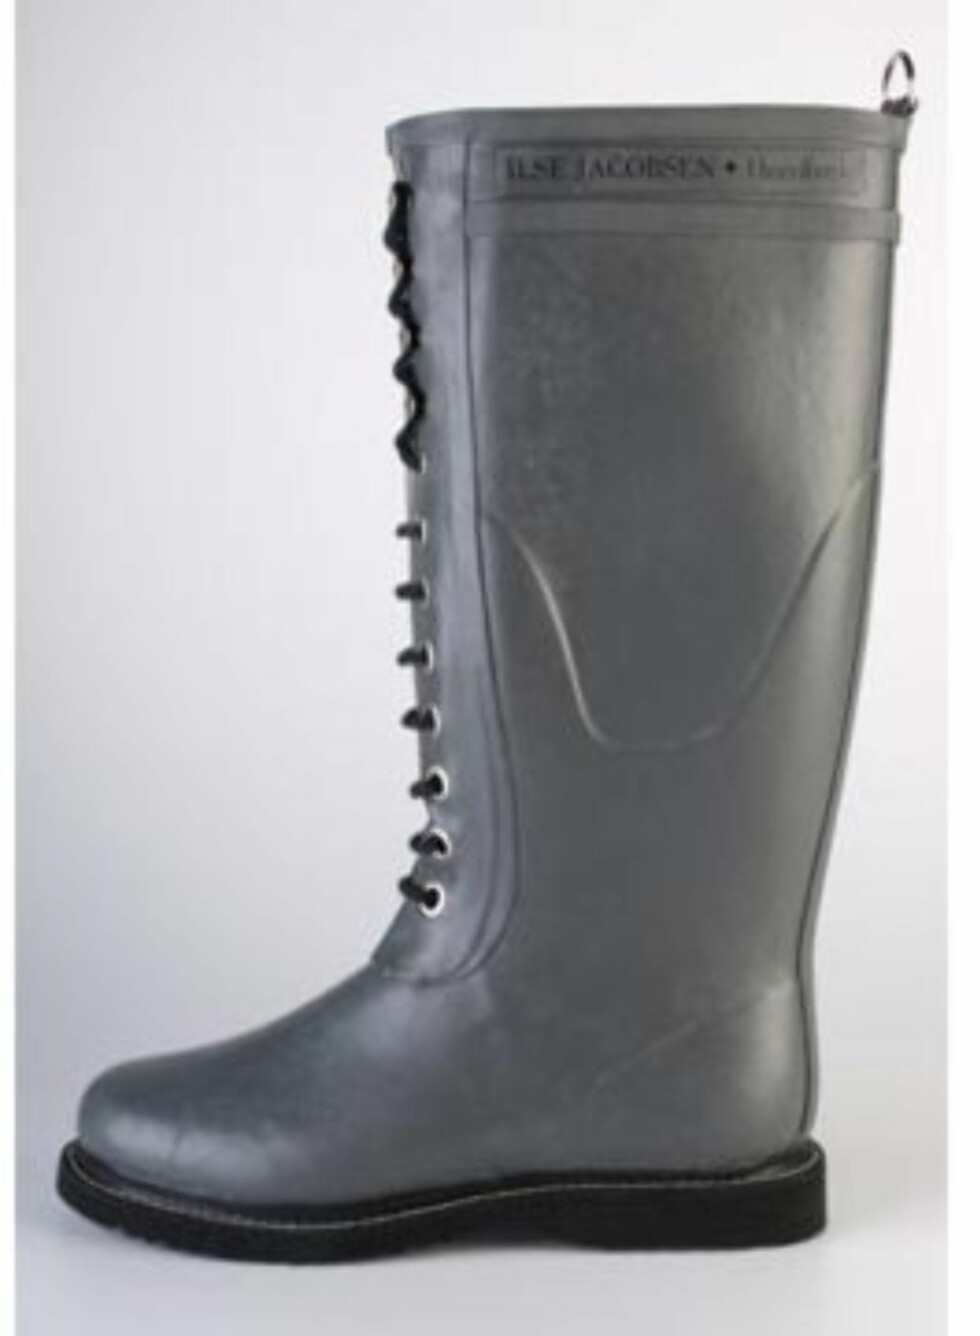 Long Rubber Boot fra Ilse Jacobsen, kr 1199 hos Brandos.no.